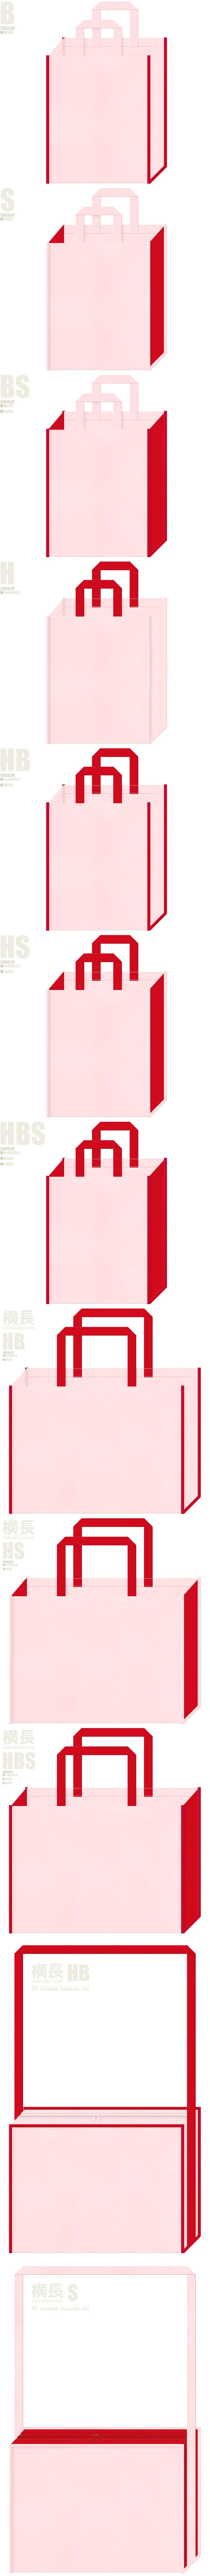 桜色と紅色、7パターンの不織布トートバッグ配色デザイン例。